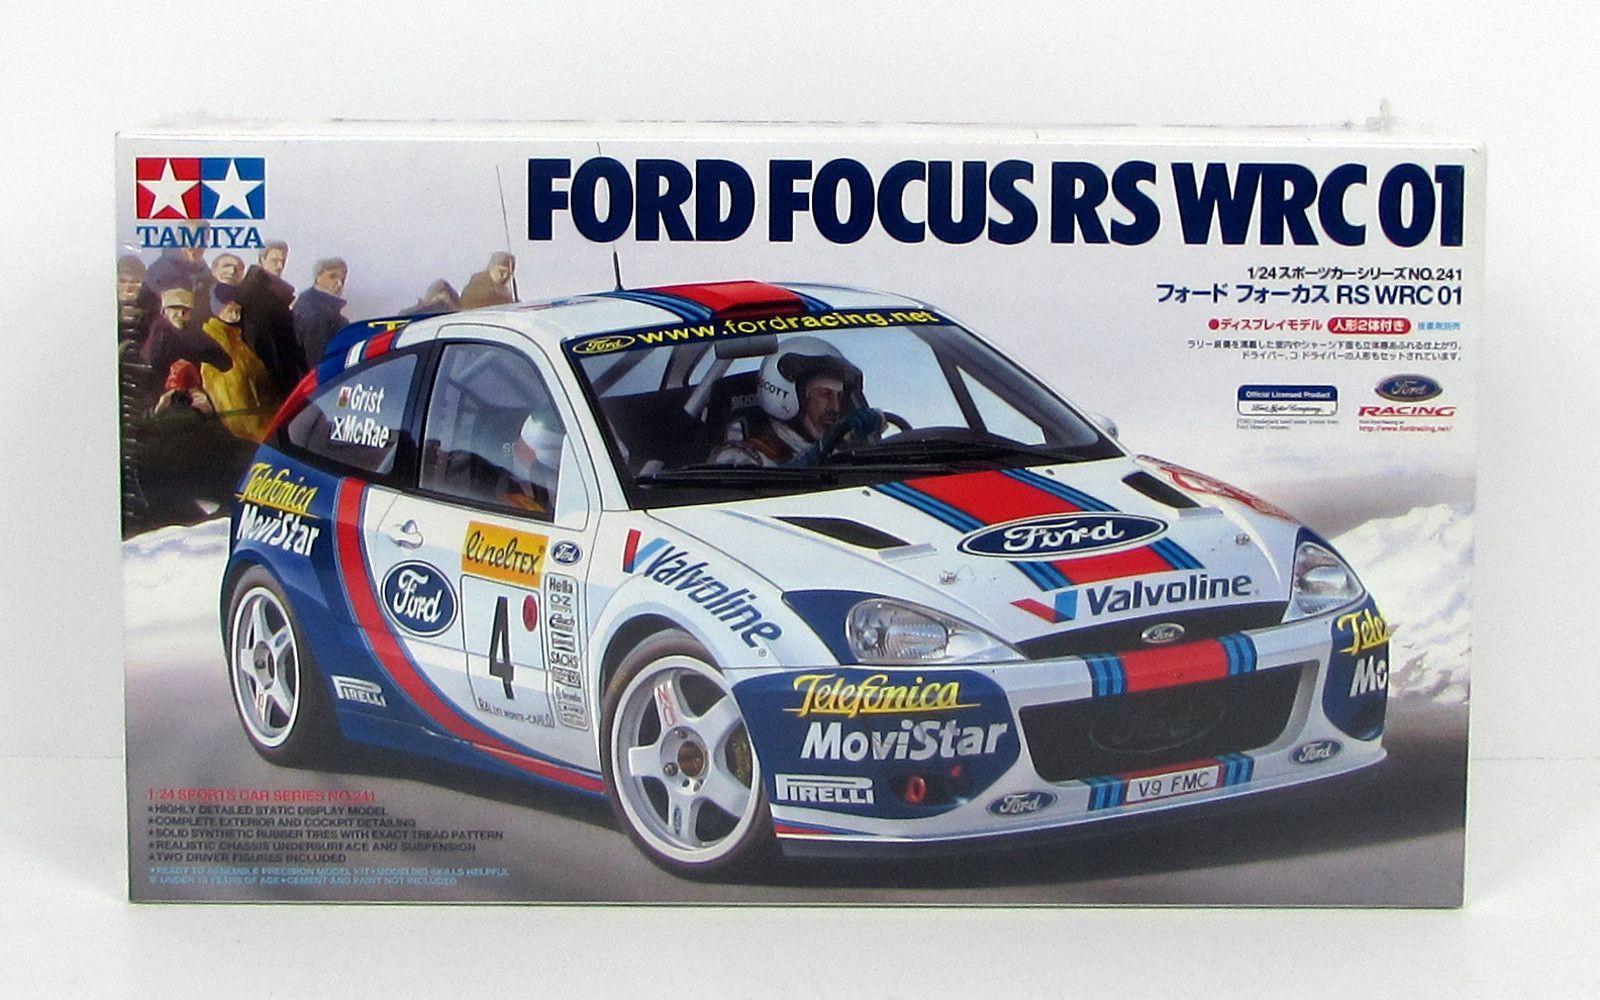 Ford Focus Wrc 01 Tamiya 24241 1 24 New Model Car Kit Ford Focus